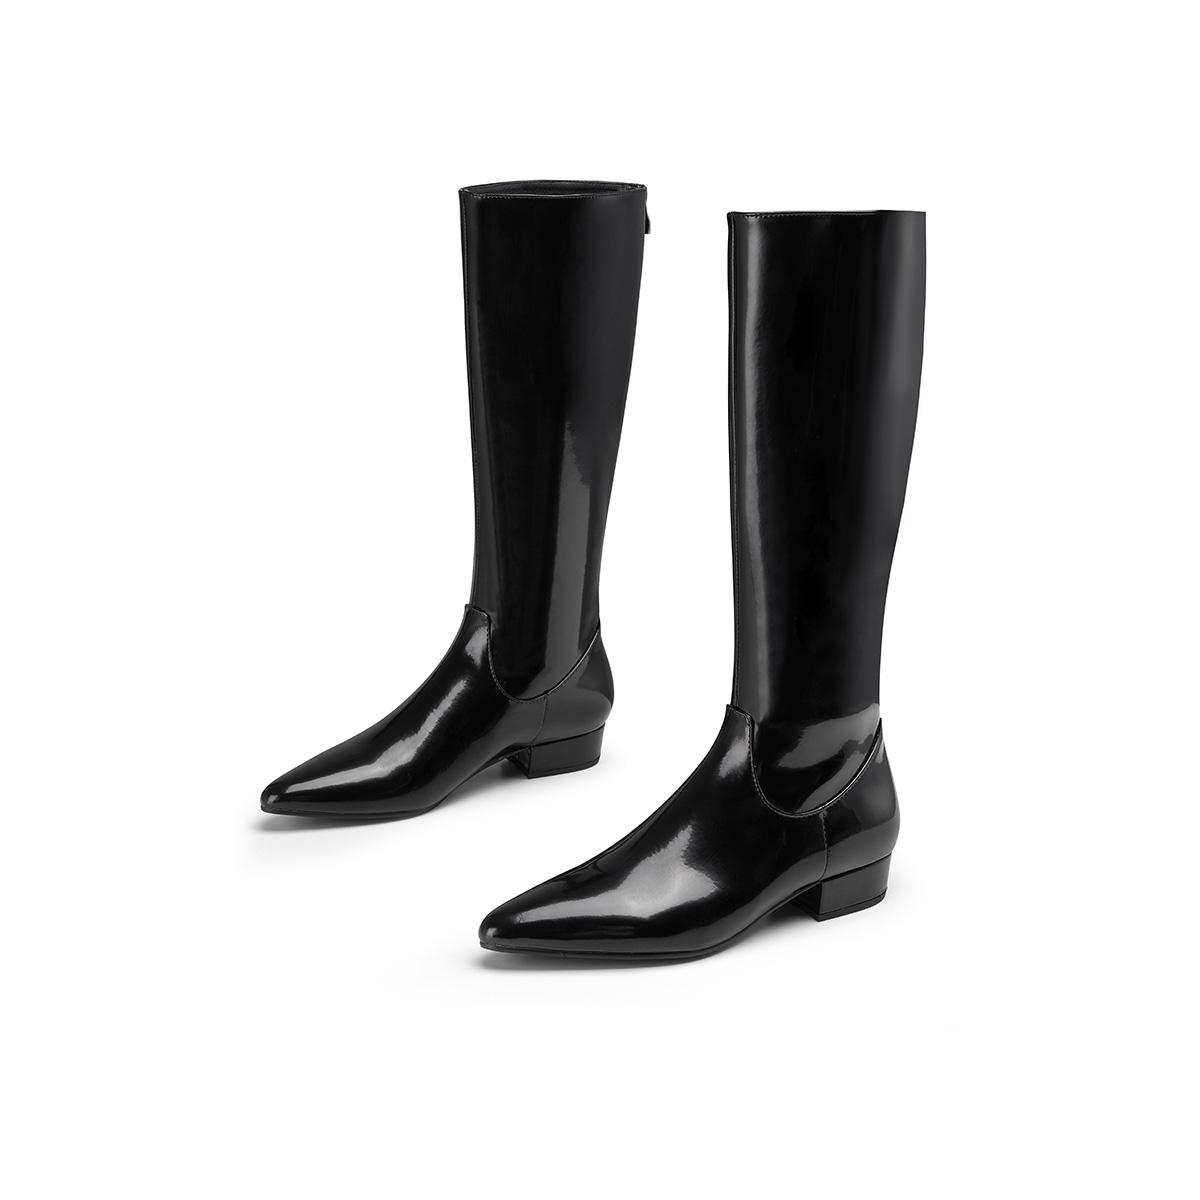 【骑士靴】2021秋冬新款尖头拉链粗跟女高筒靴马丁靴女靴长靴